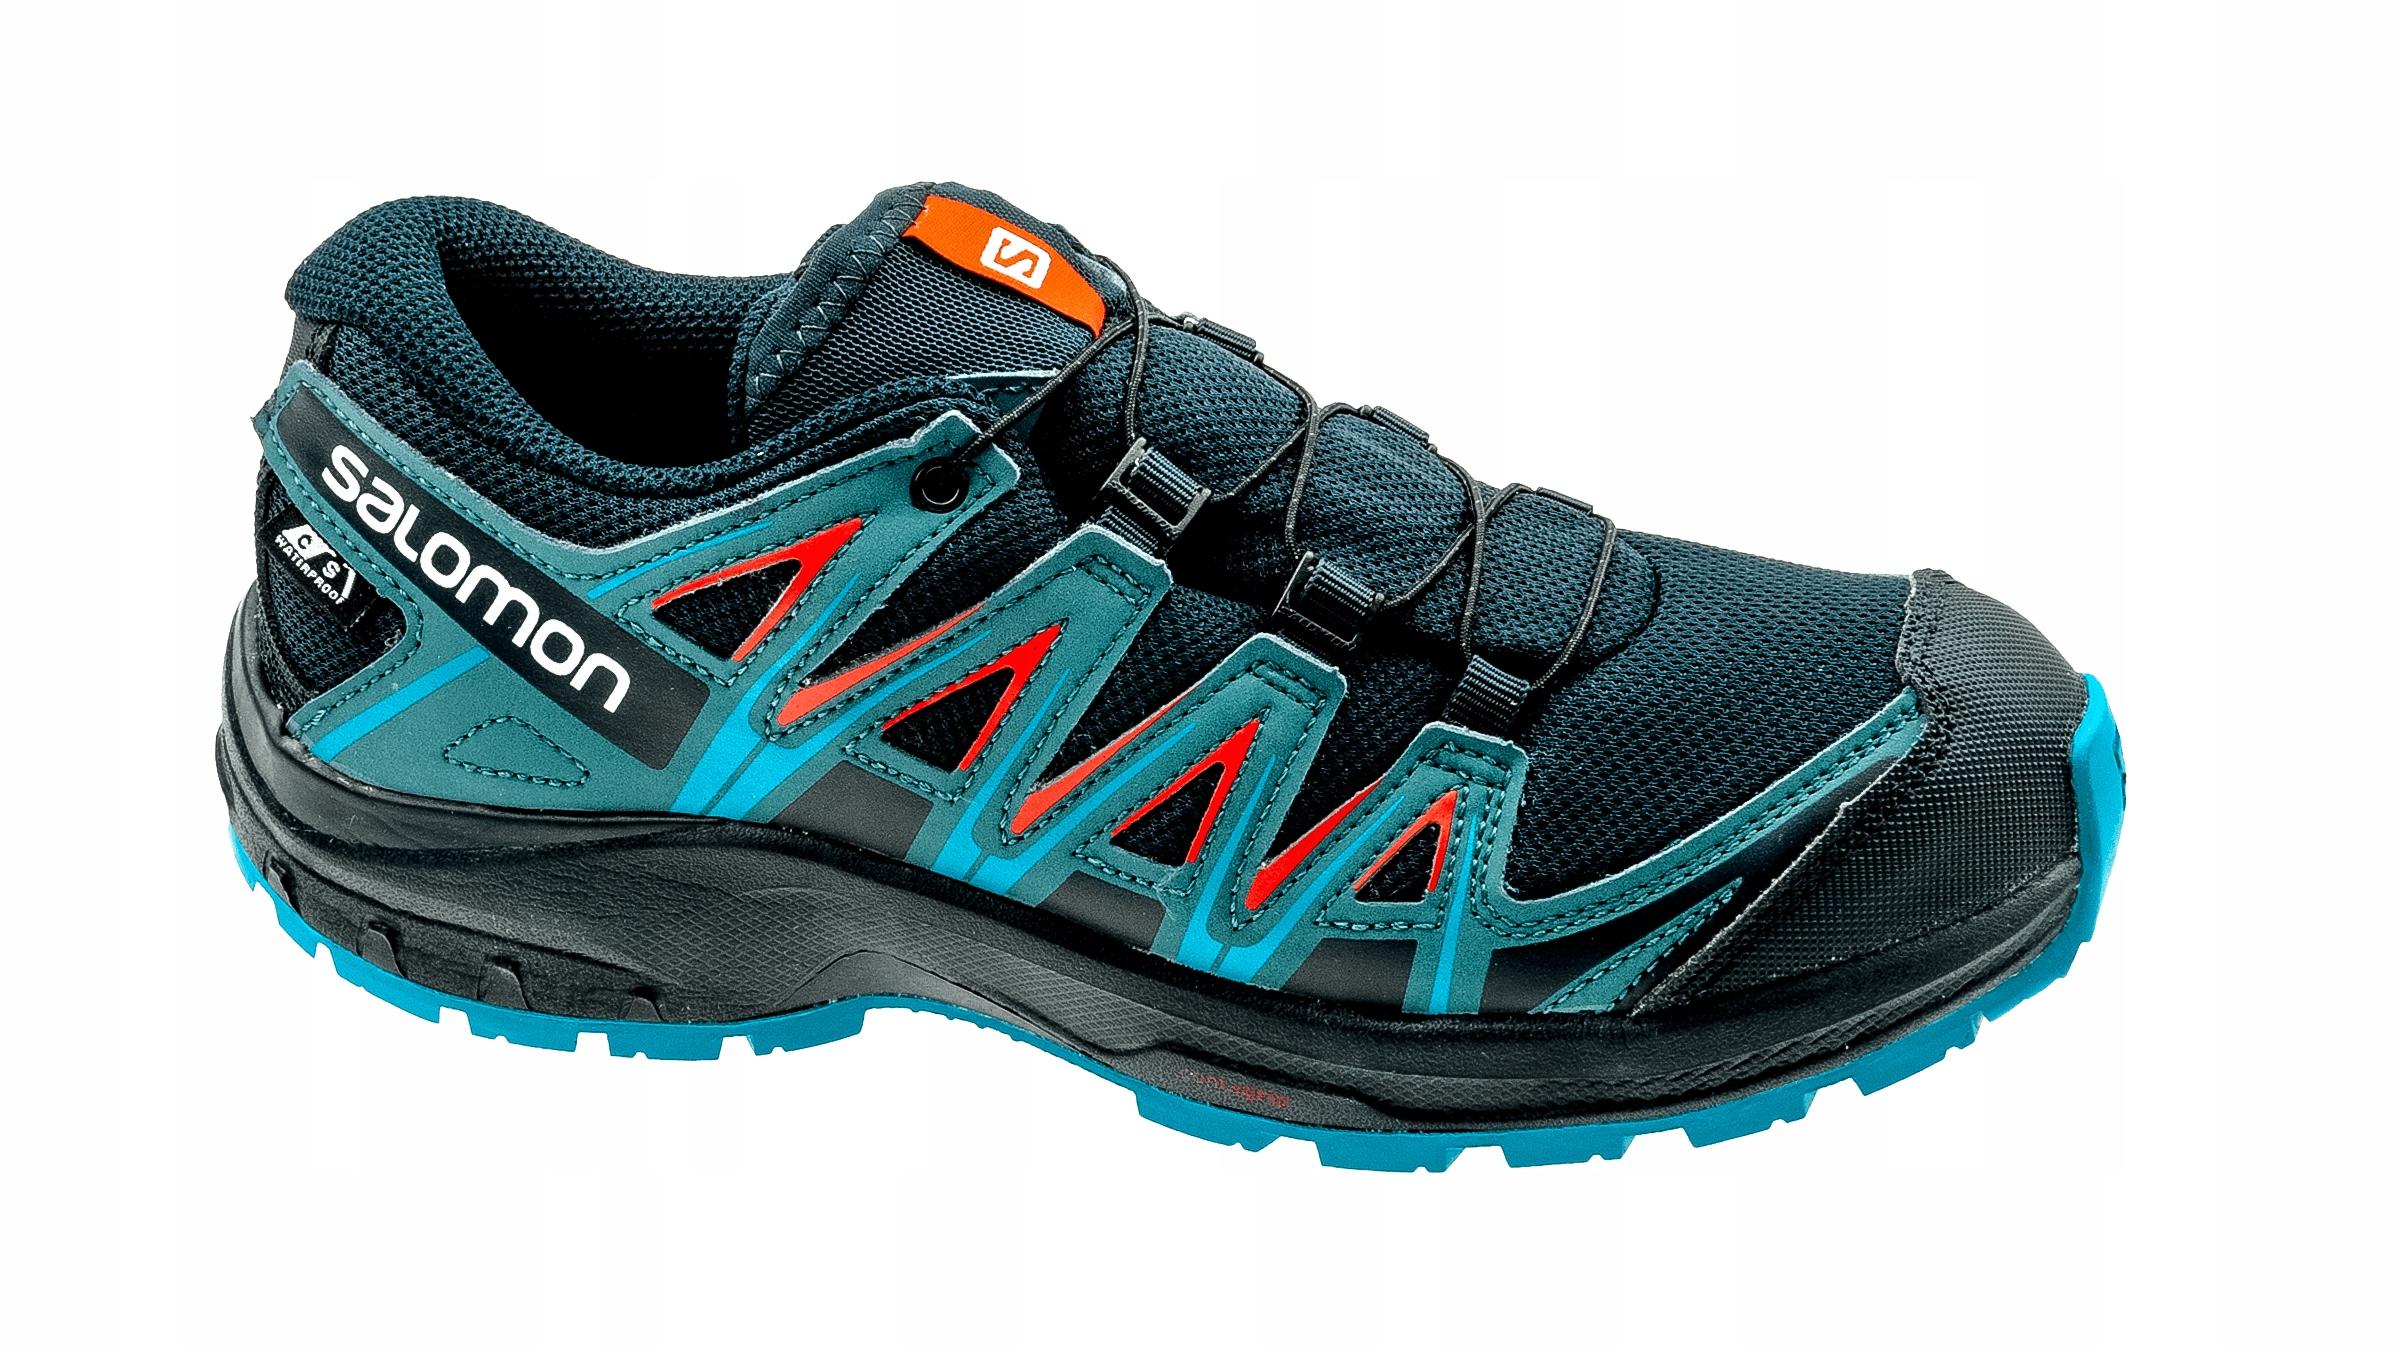 M5213 SALOMON buty trekkingowe dziecięce 37